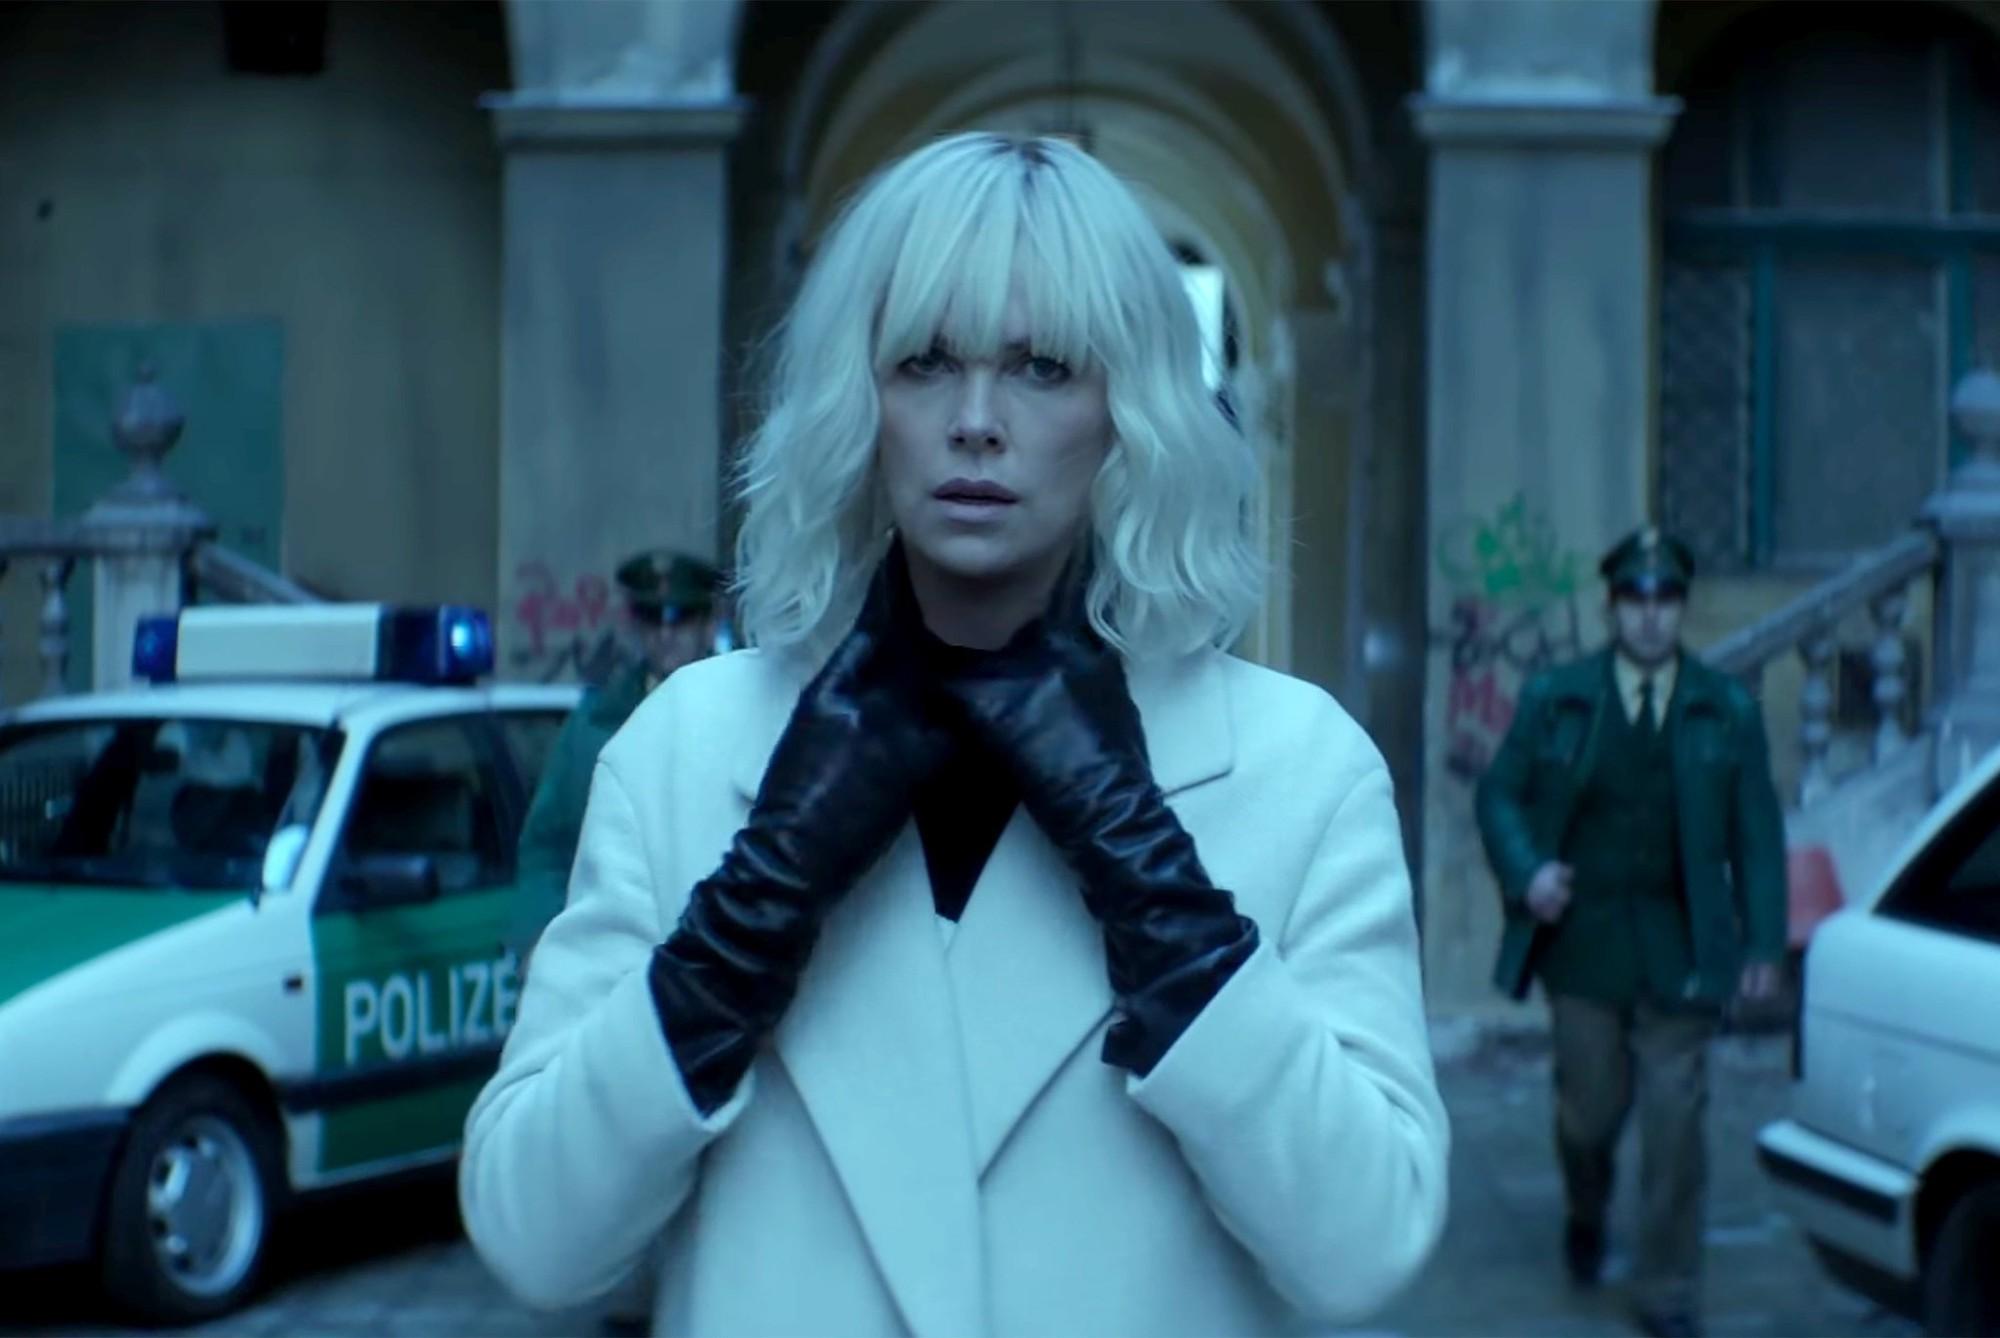 Điệp viên Jennifer Lawrence lại dùng chiêu quyến rũ cấp độ... hủy diệt làm vũ khí lợi hại - Ảnh 6.